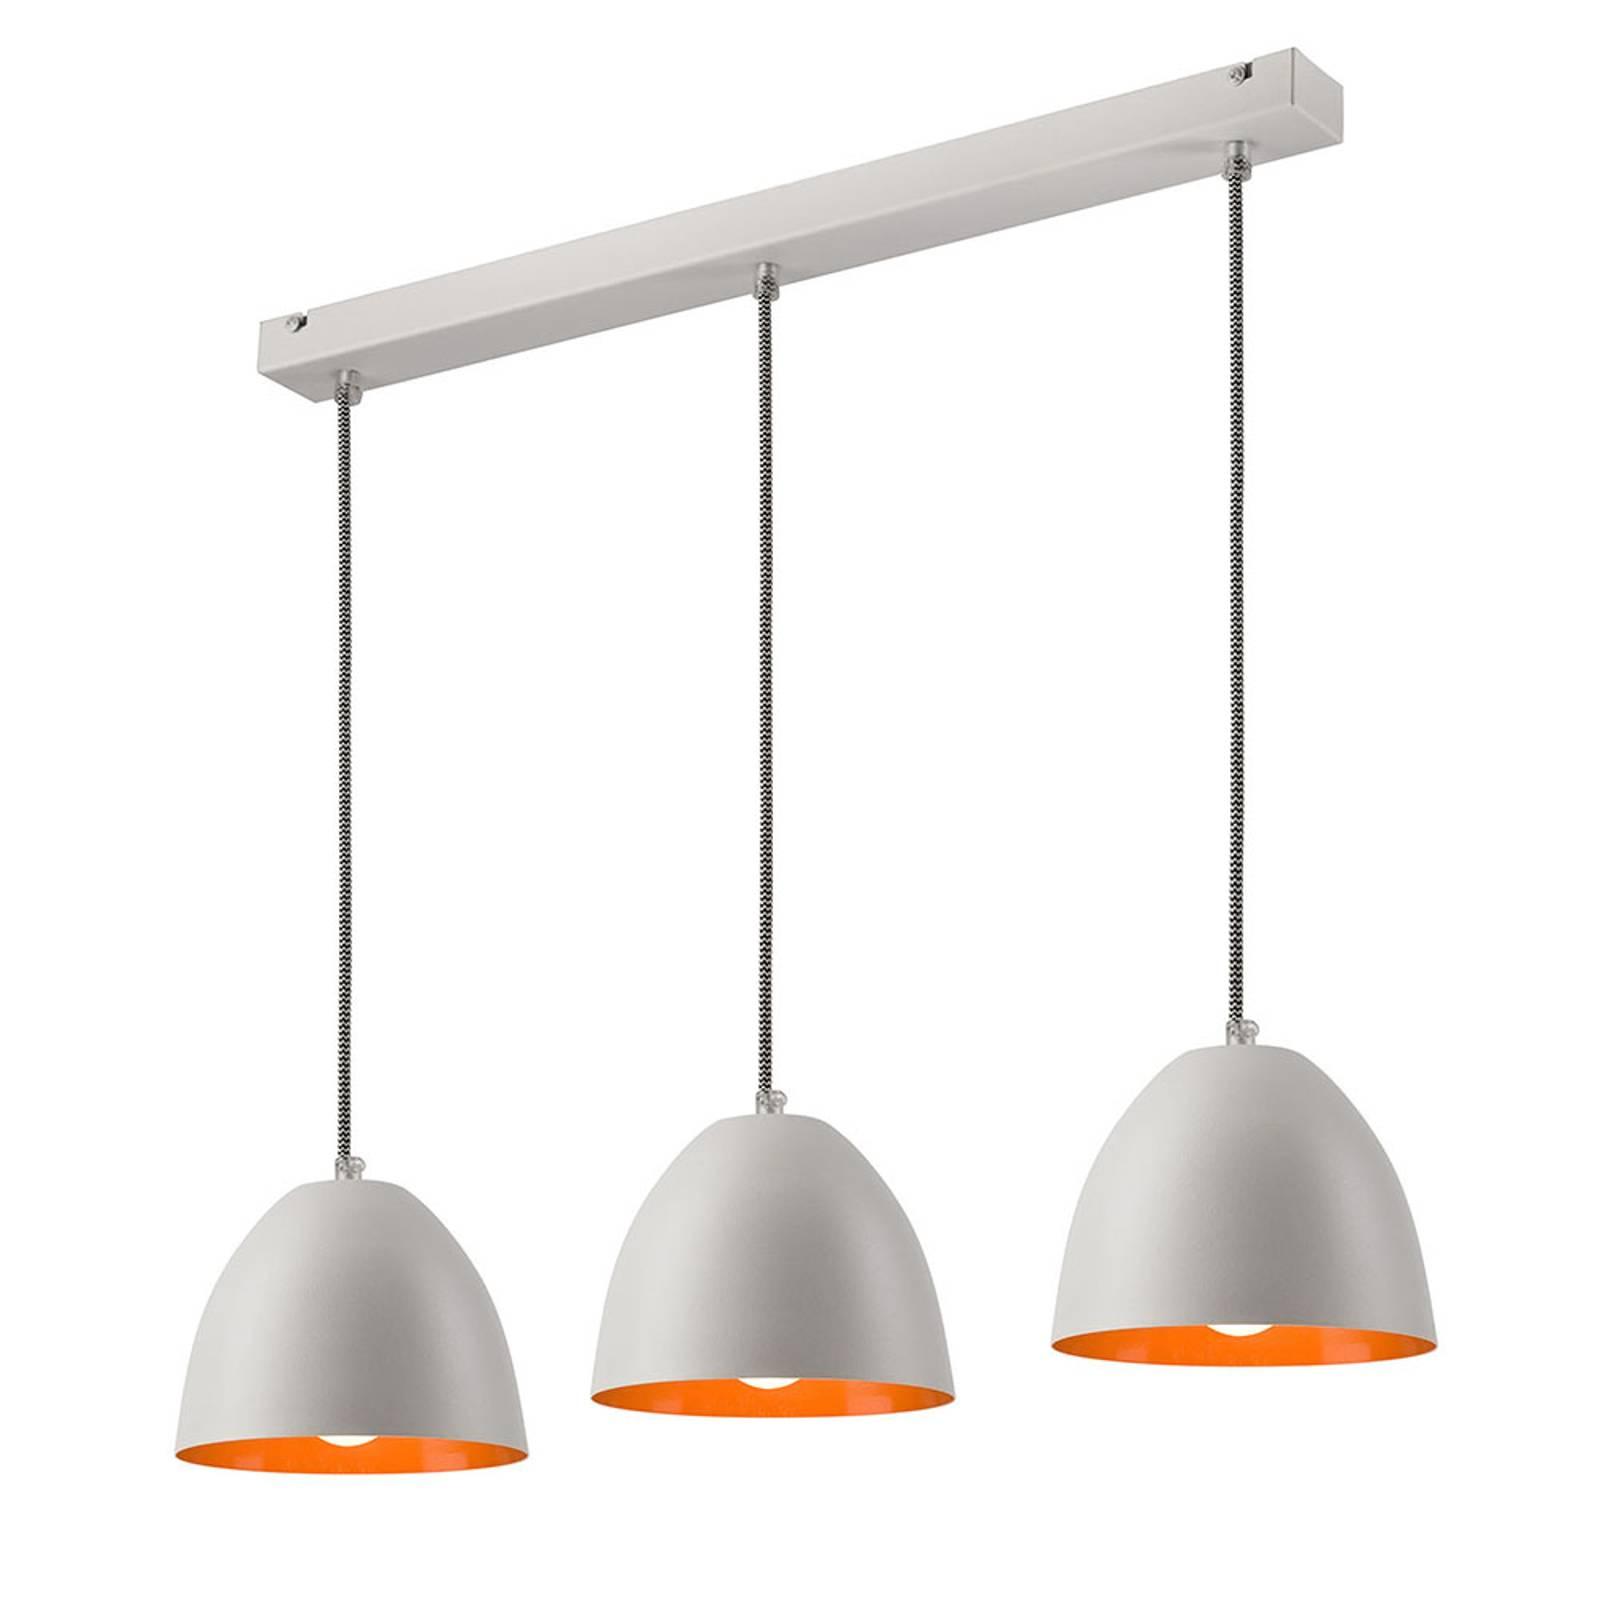 Suspension Atlantik à trois lampes, blanche